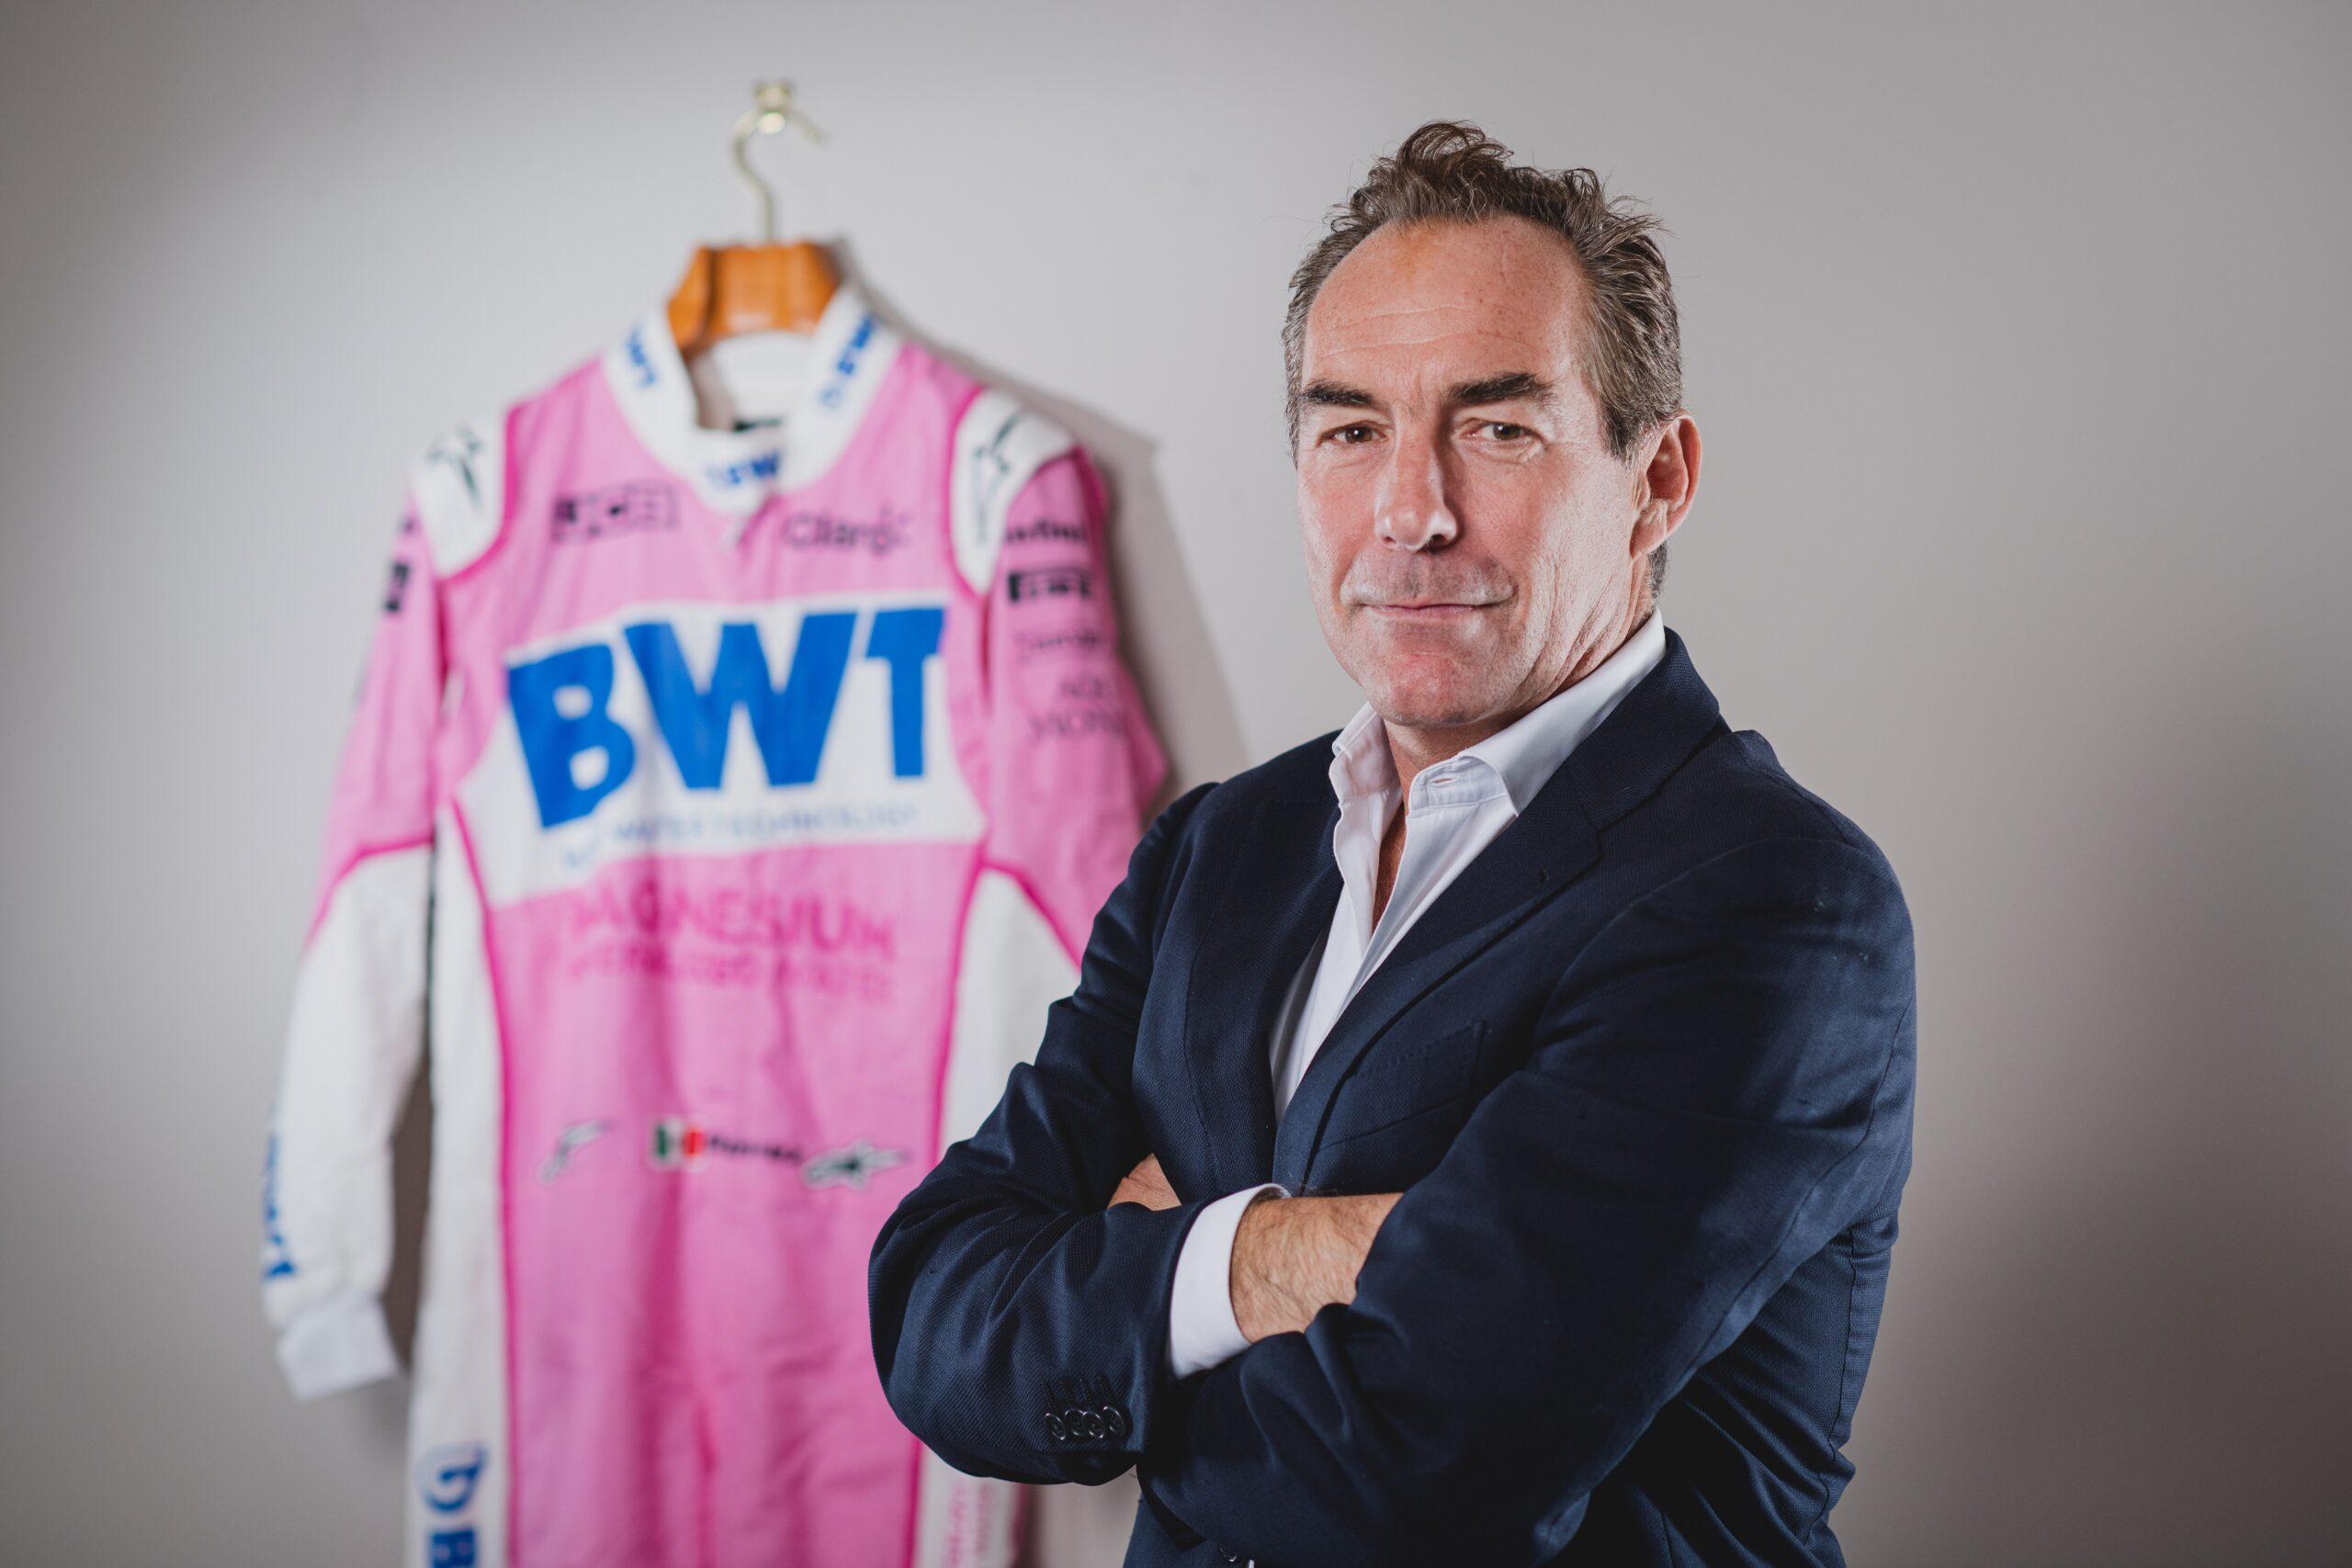 El equipo Racing Point contrata a un nuevo jefe comercial